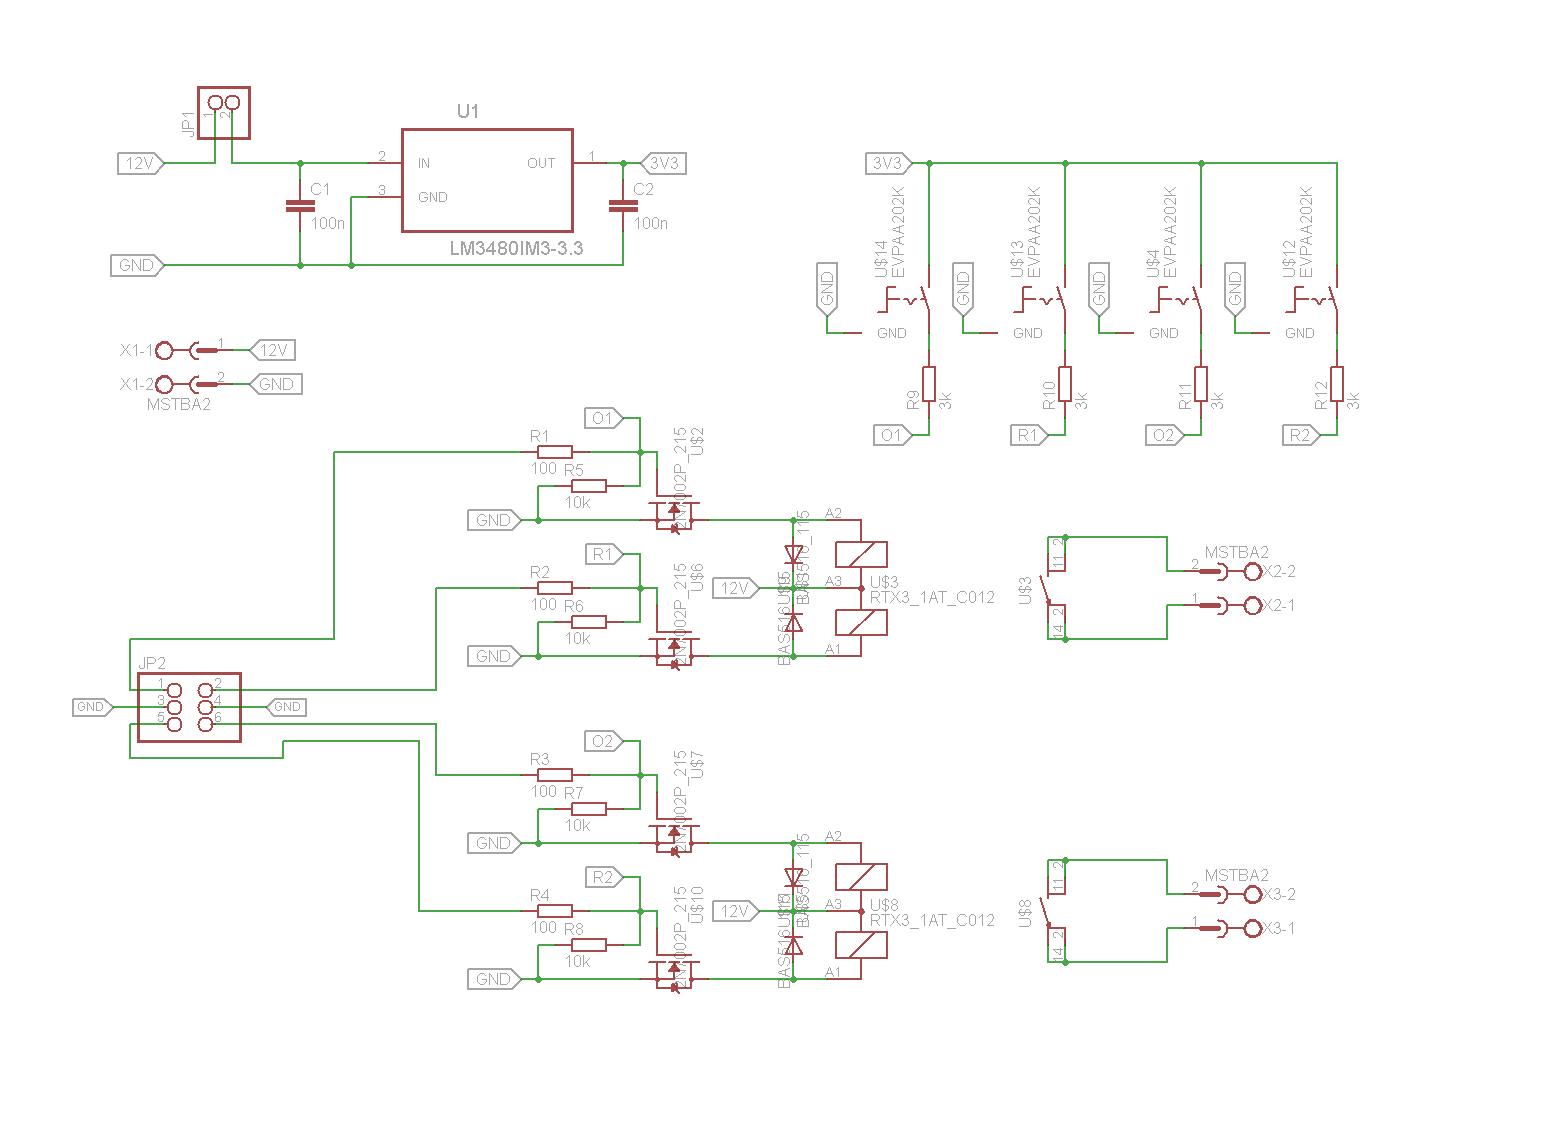 Relais mit uC und per Taster schalten - Mikrocontroller.net